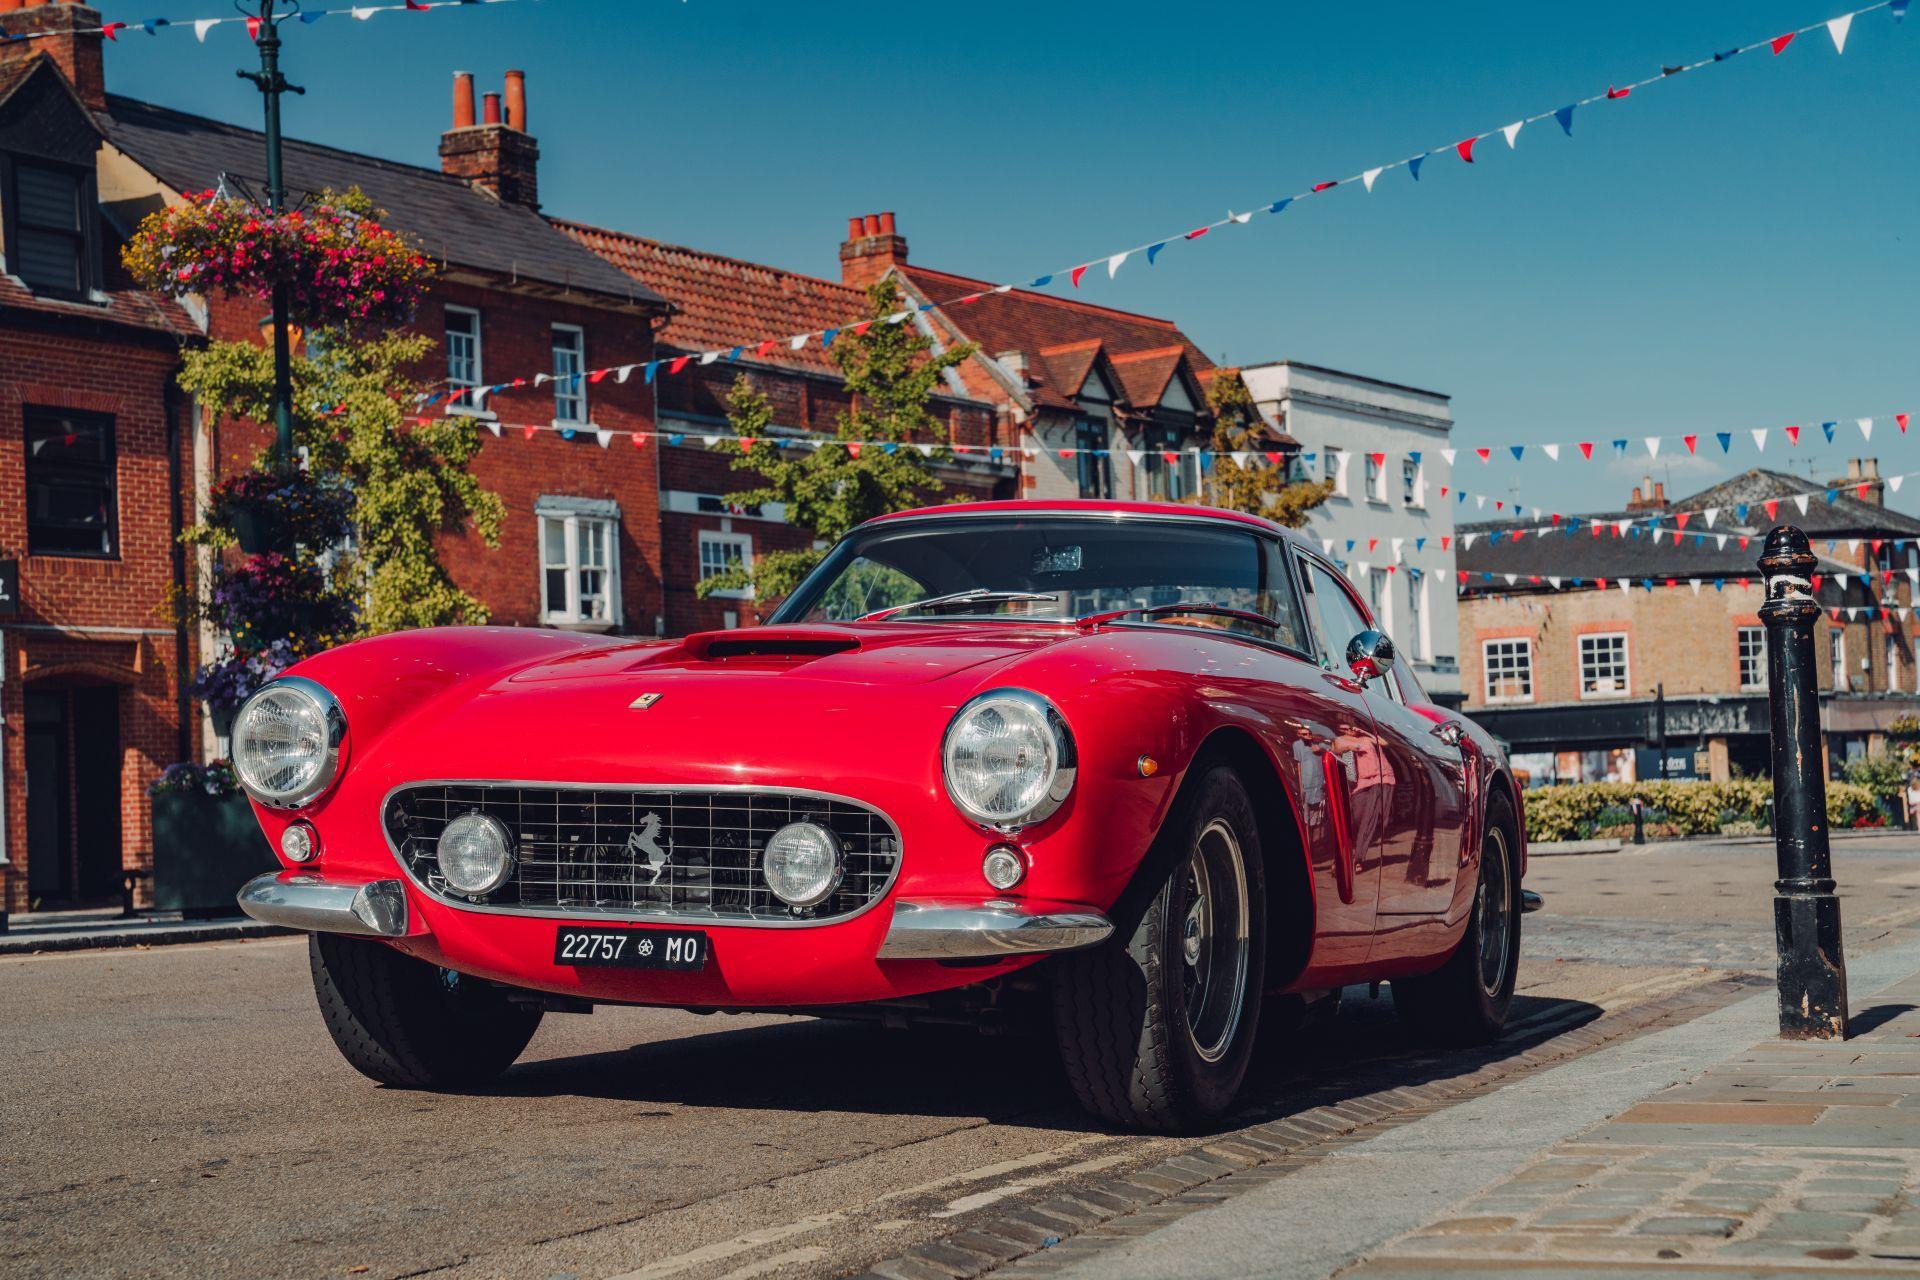 Ferrari-250-GT-SWB-Berlinetta-Competizione-Revival-by-GTO-Engineering-47